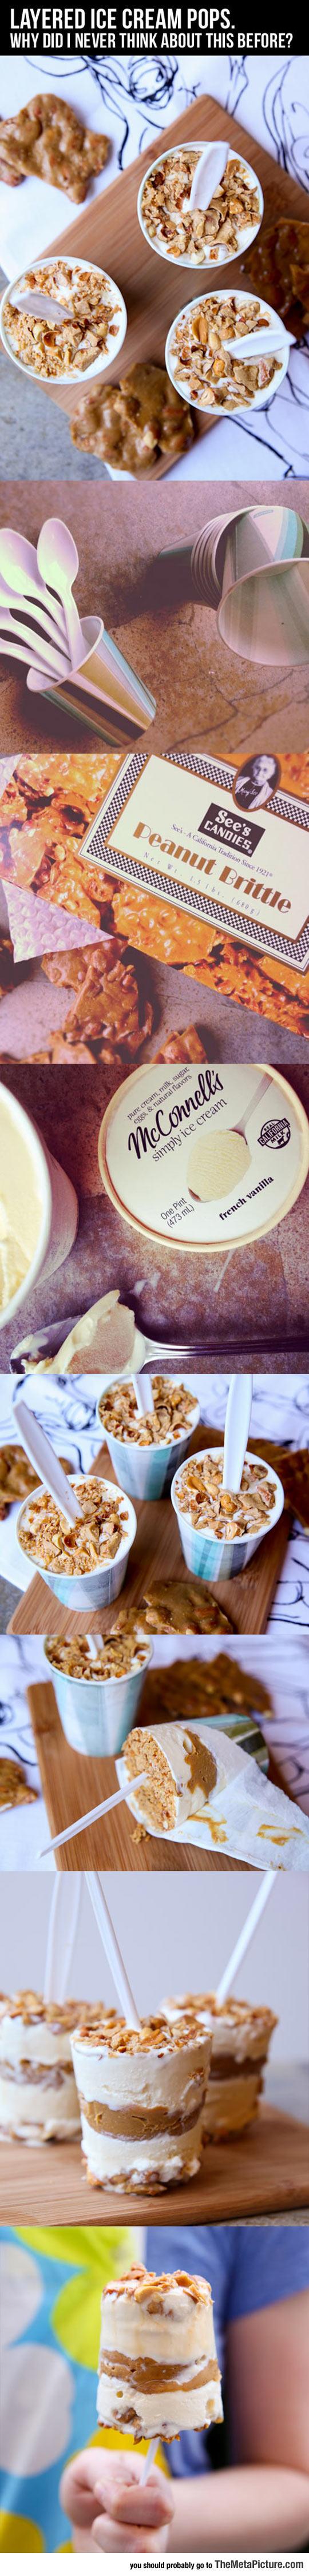 cool-ice-cream-pops-recipe-photos